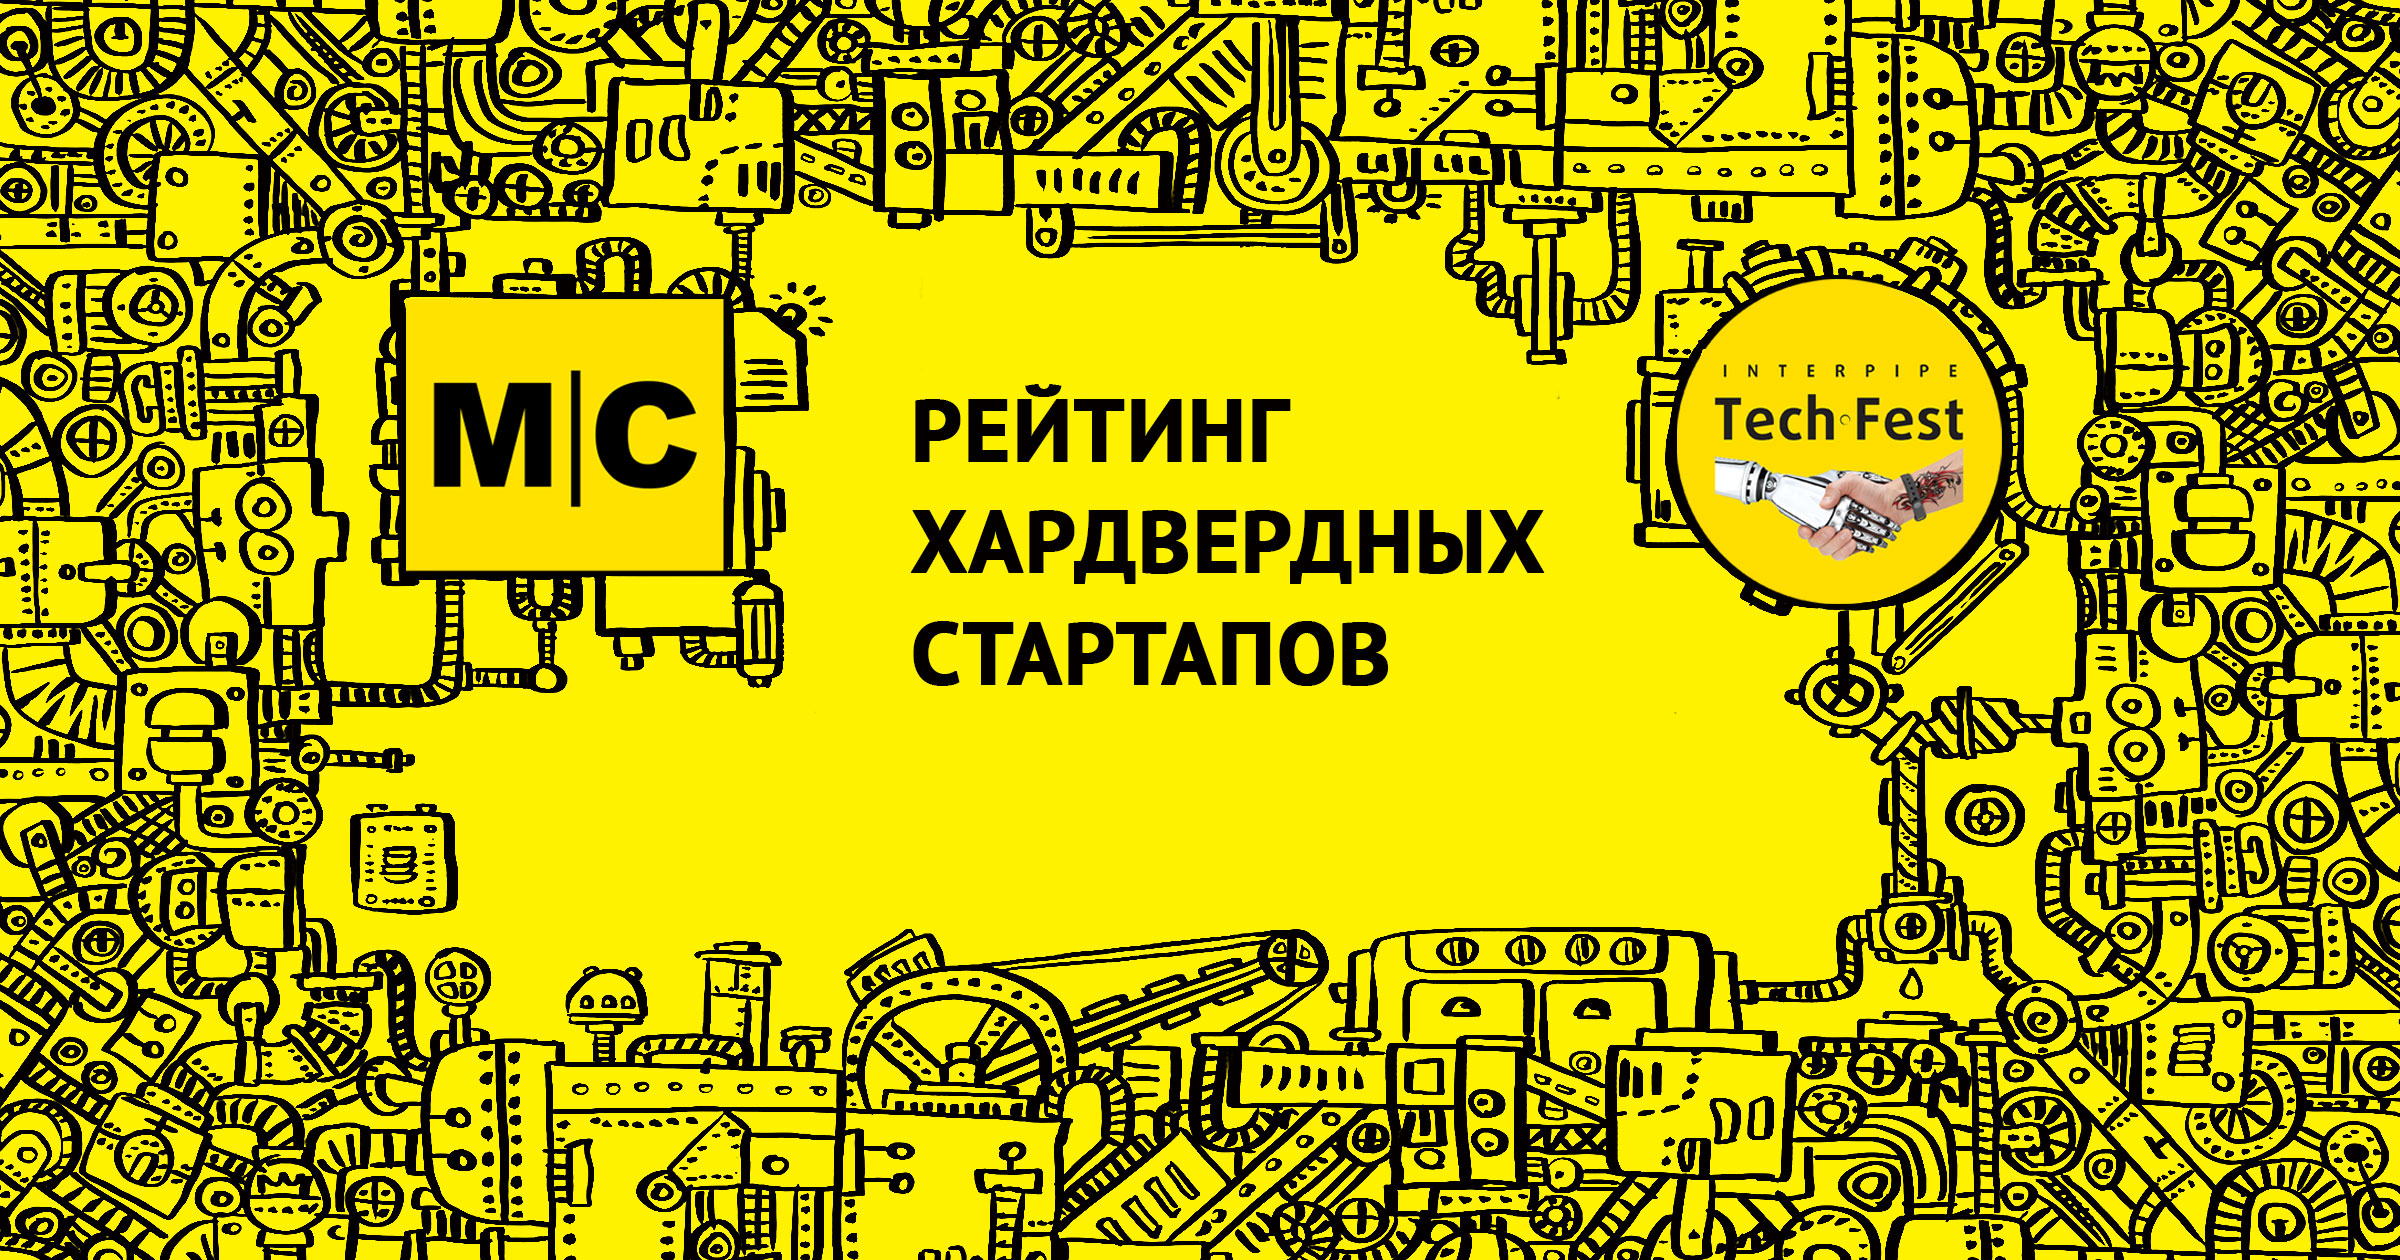 MC Today ждет вашу заявку на участие в рейтинге хардверных стартапов